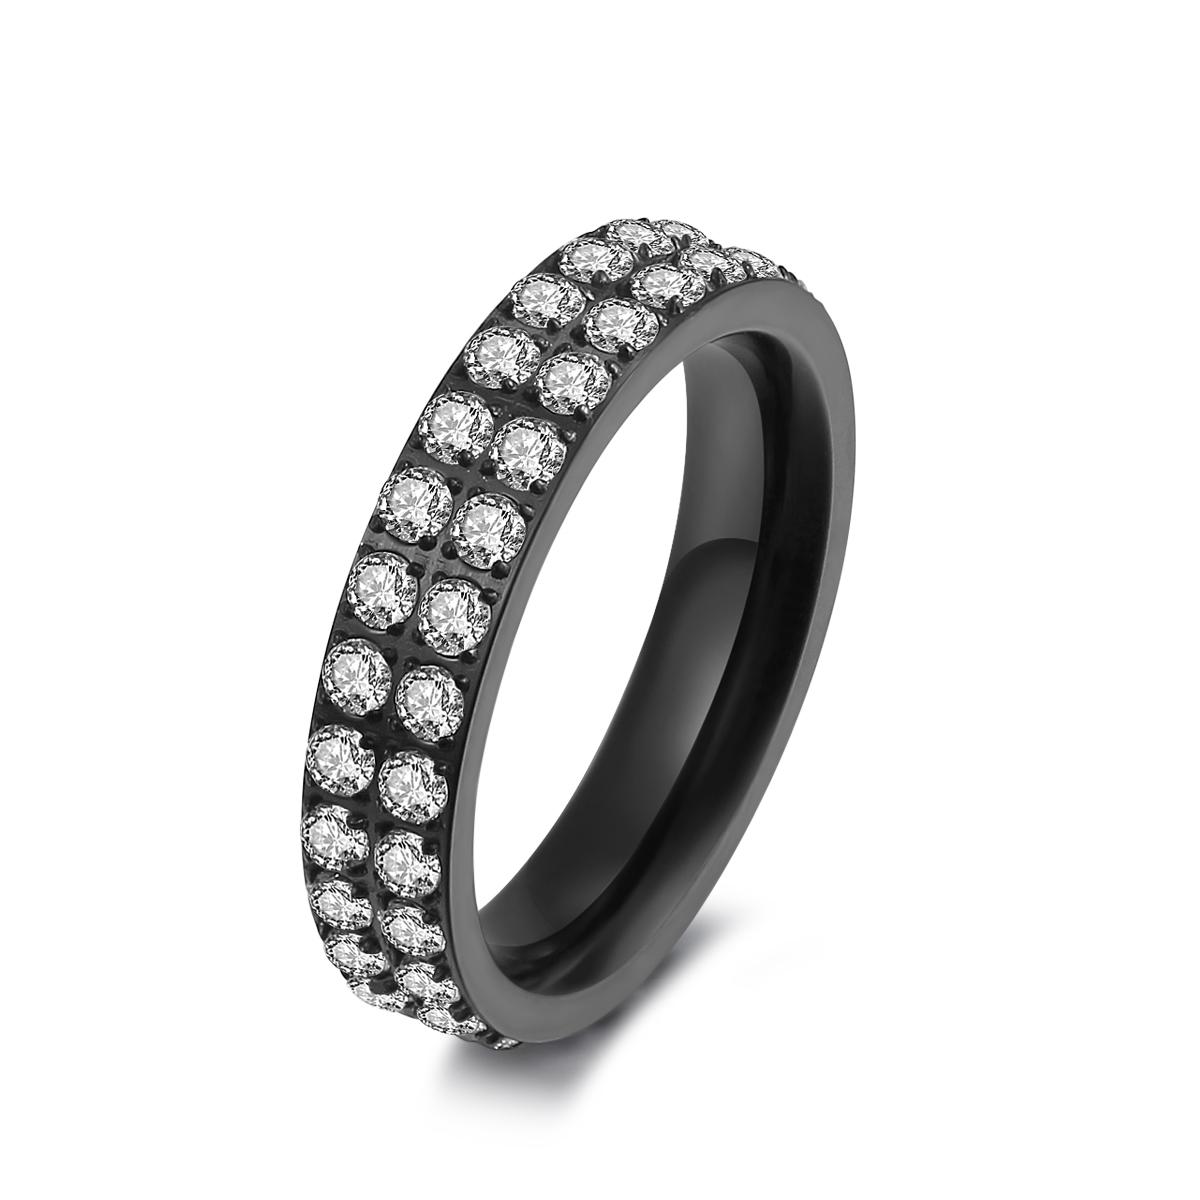 Sort stål ring med zirkonia - 1405123 størrelse 58 fra ice diamonds by kranz fra brodersen + kobborg